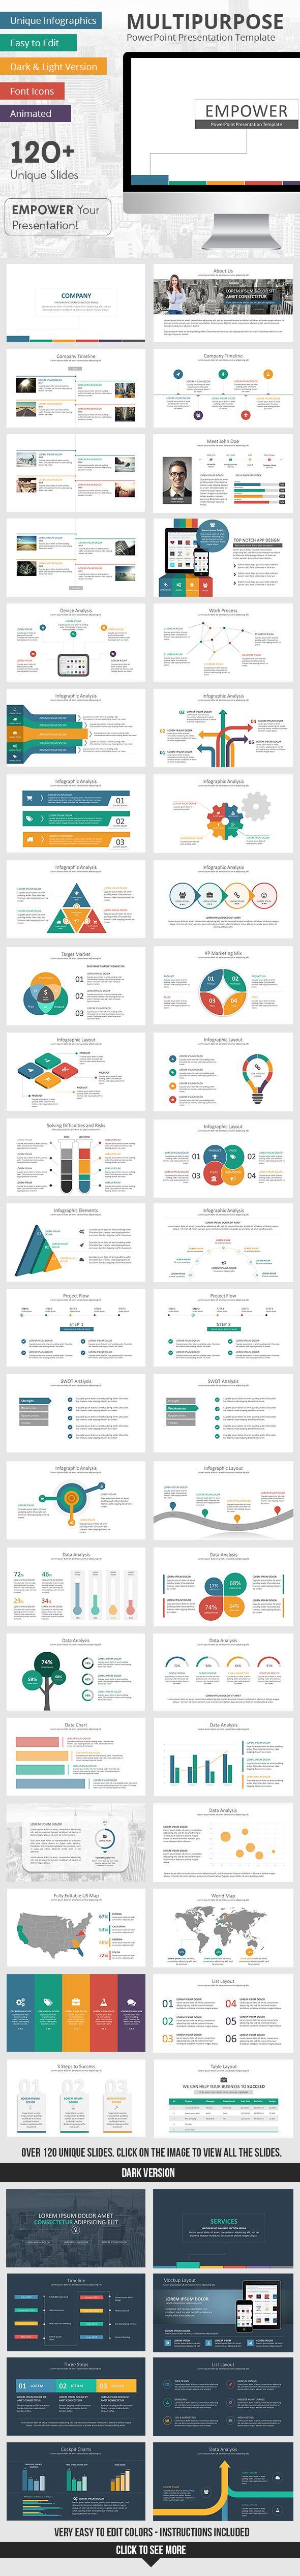 Empower PowerPoint Presentation Template PowerPoint Template / Theme / Presentation / Slides / Background / Power Point #powerpoint #template #theme